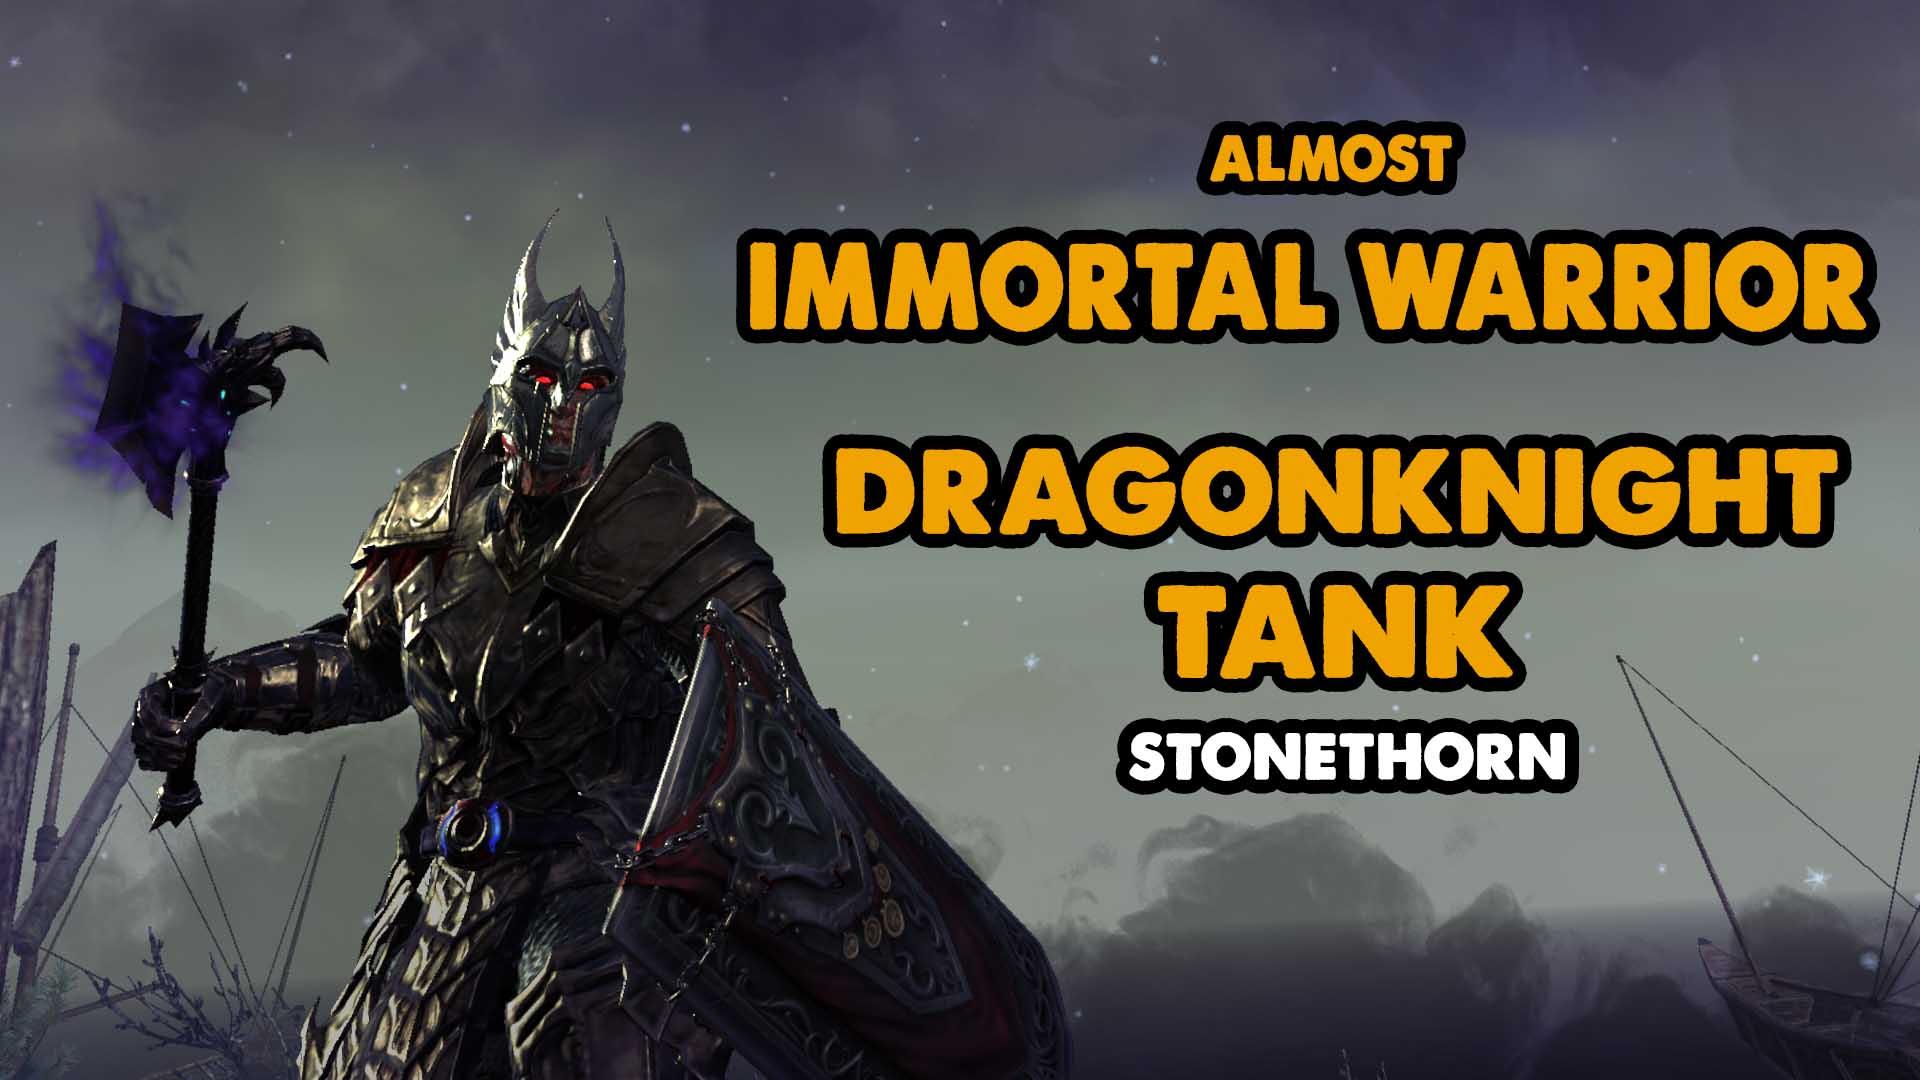 Dragonknight, tank, eso, elder scrolls, immortal, leeching